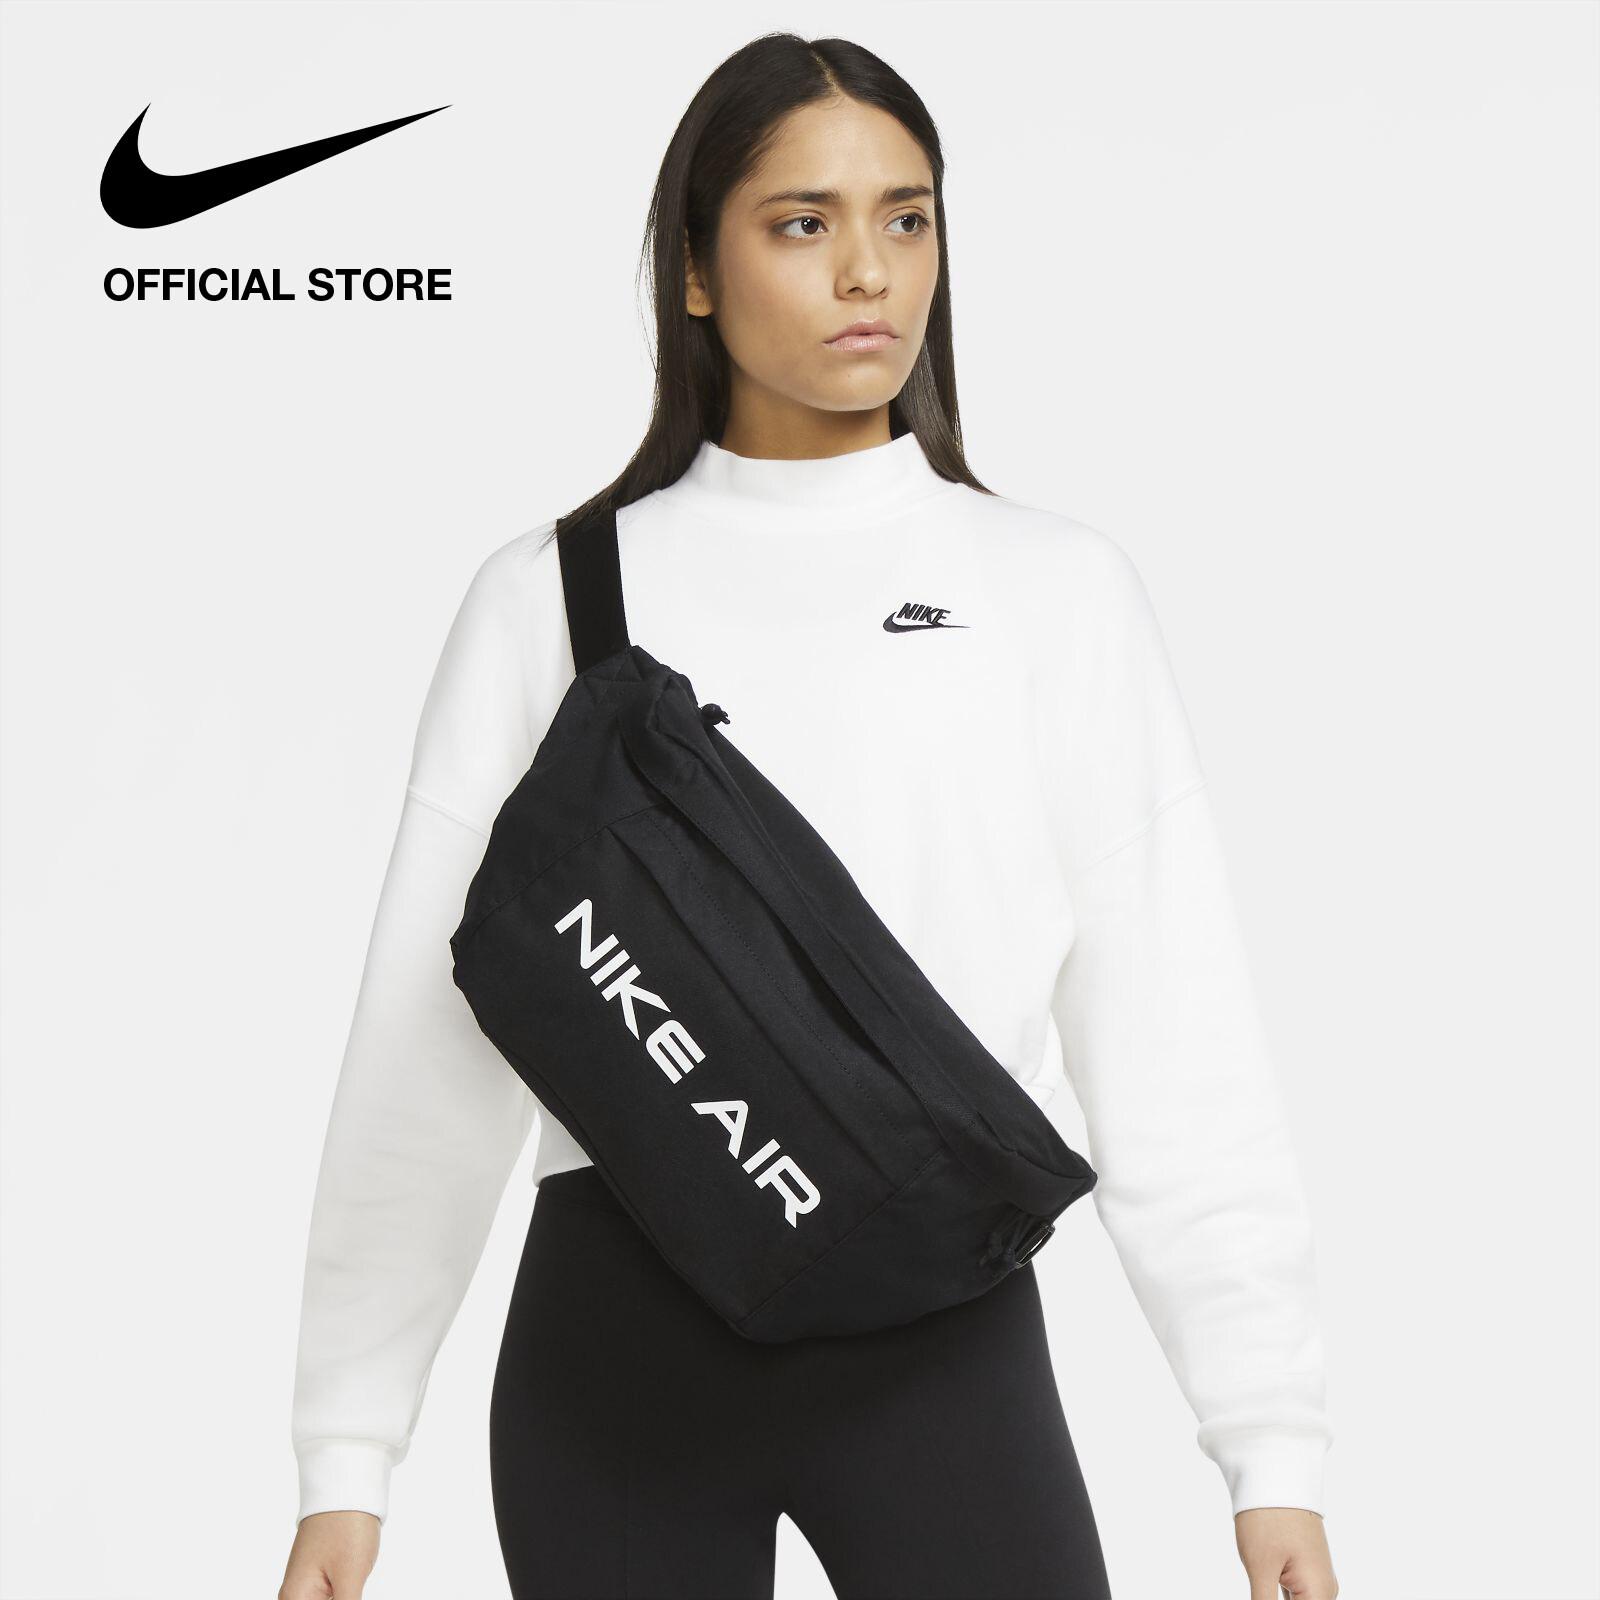 รีวิว Nike Unisex Air Tech Hip Pack - Black ไนกี้ กระเป๋าคาดเอวยูนิเซ็กส์ แอร์ เทค - สีดำ